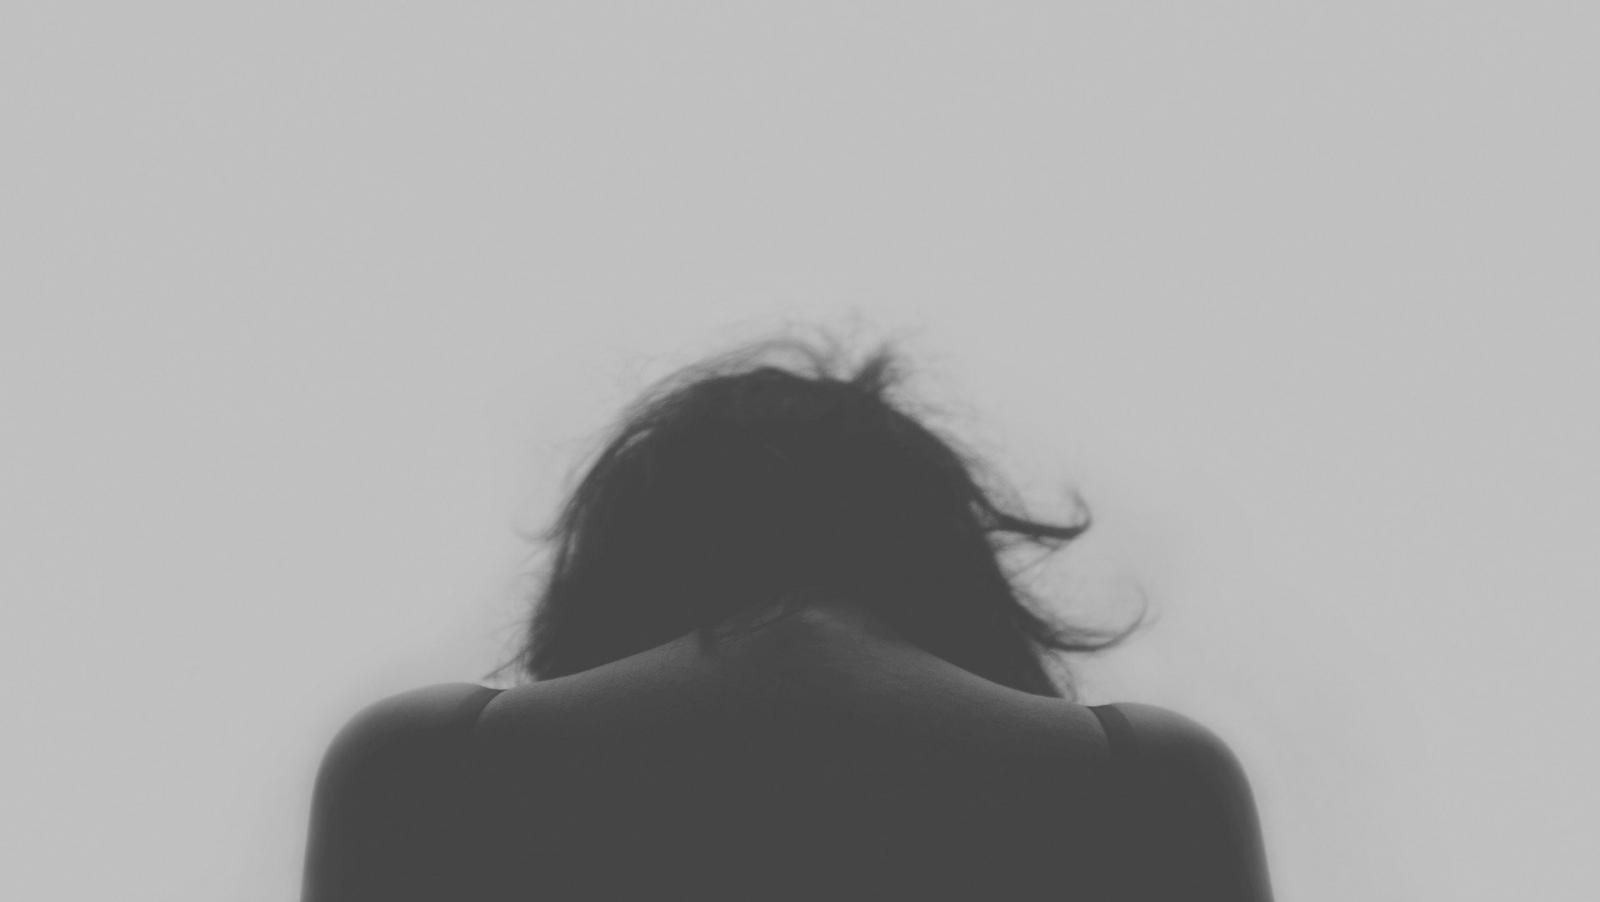 Réforme de l'isolement-contention : une instruction est en cours de rédaction